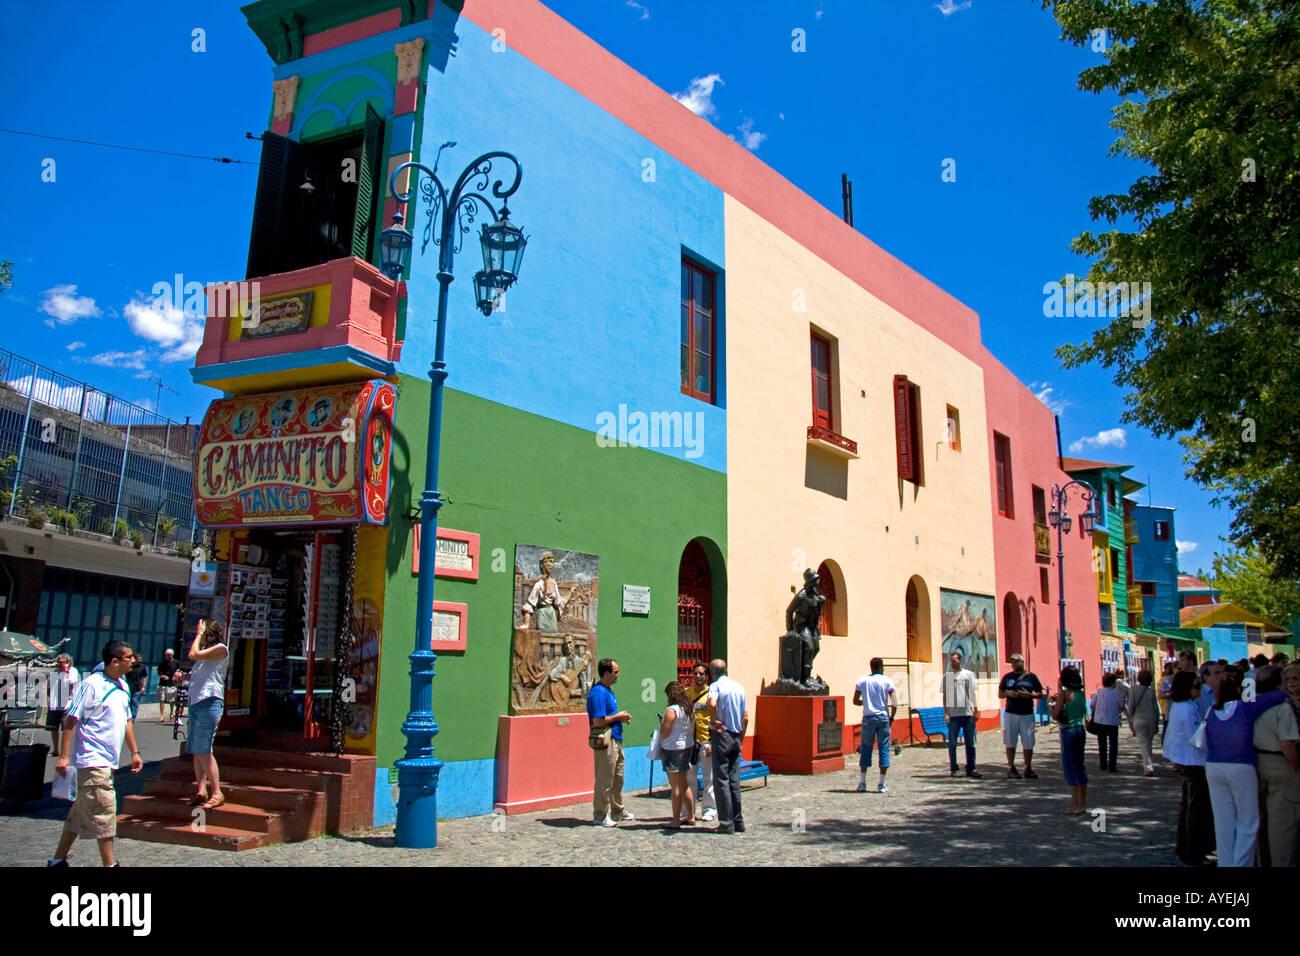 Gli edifici colorati sul Caminito in La Boca barrio di Buenos Aires Argentina Immagini Stock